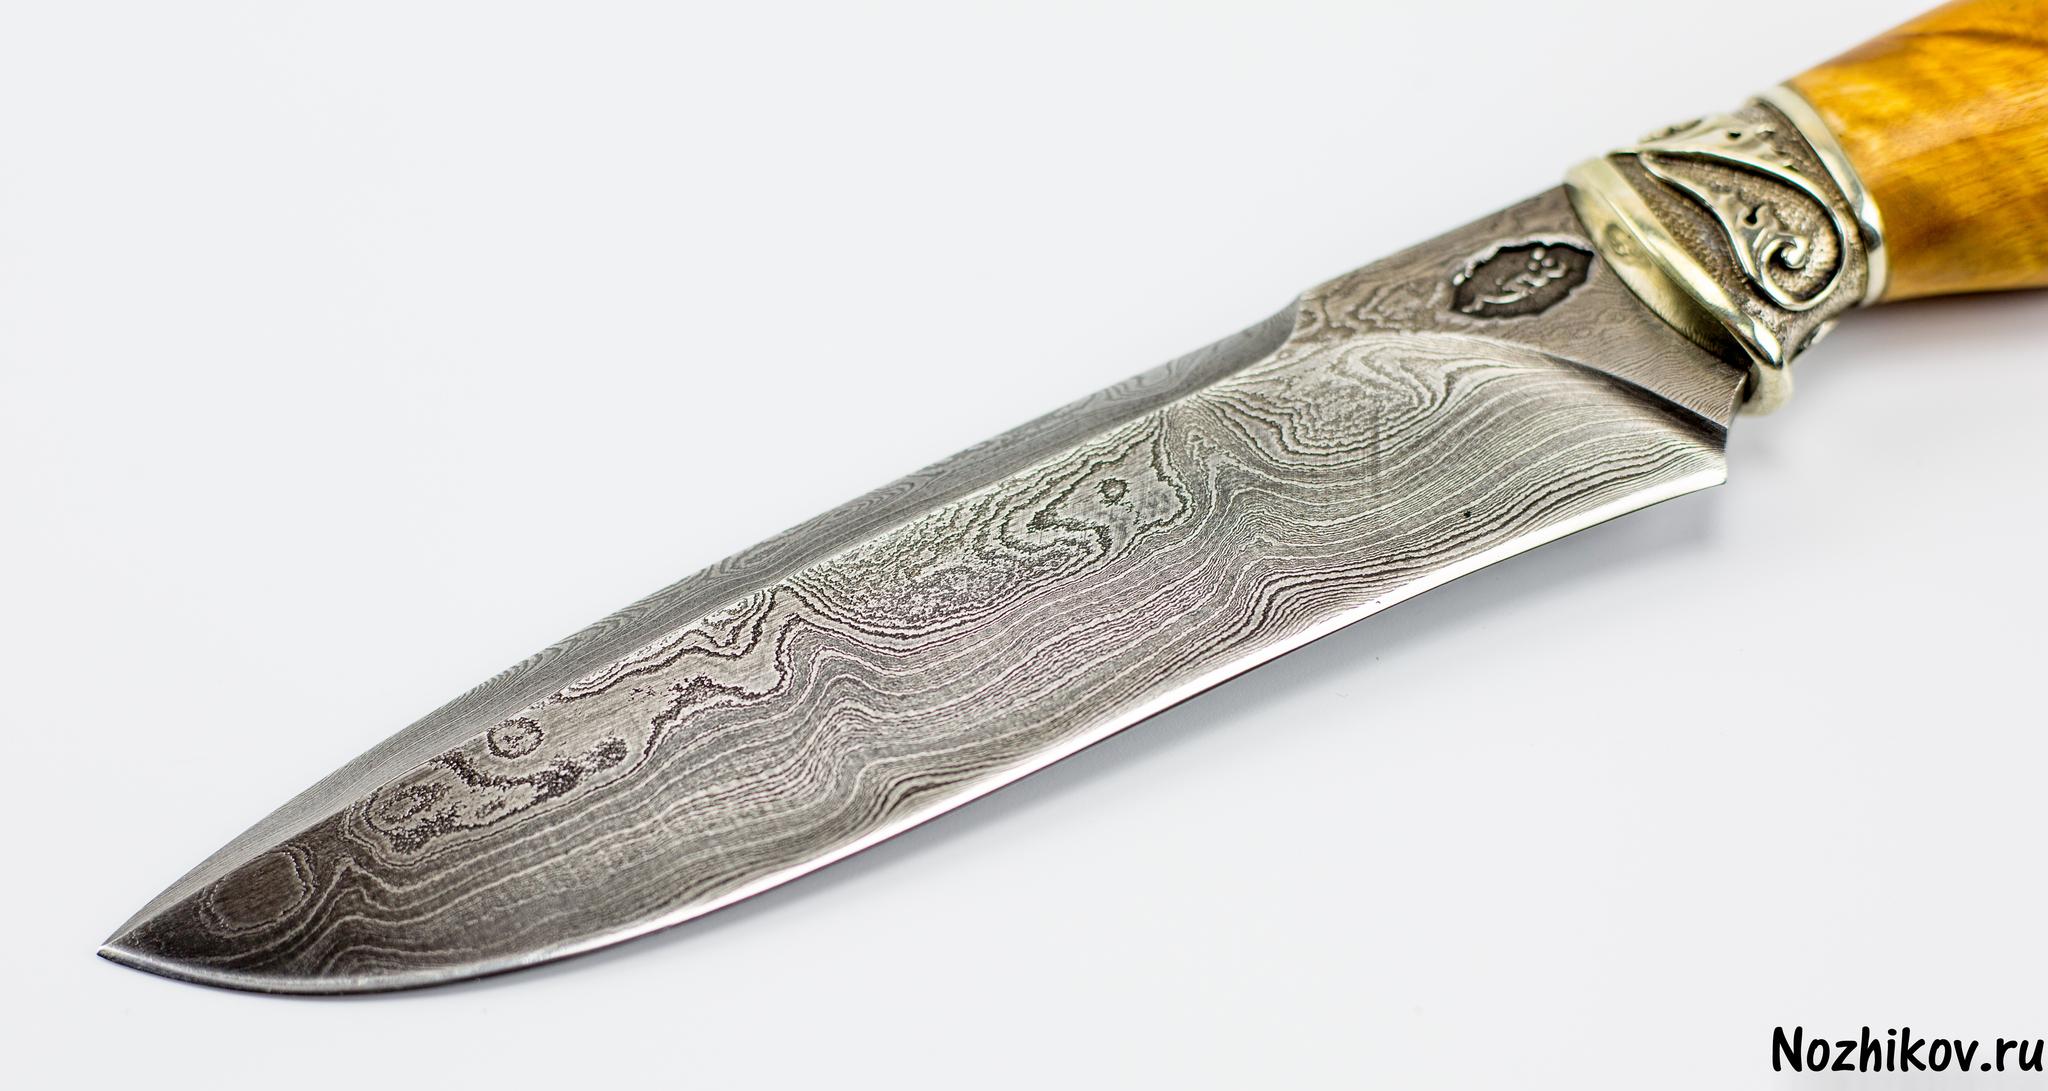 Фото 3 - Авторский Нож из Дамаска №31, Кизляр от Noname